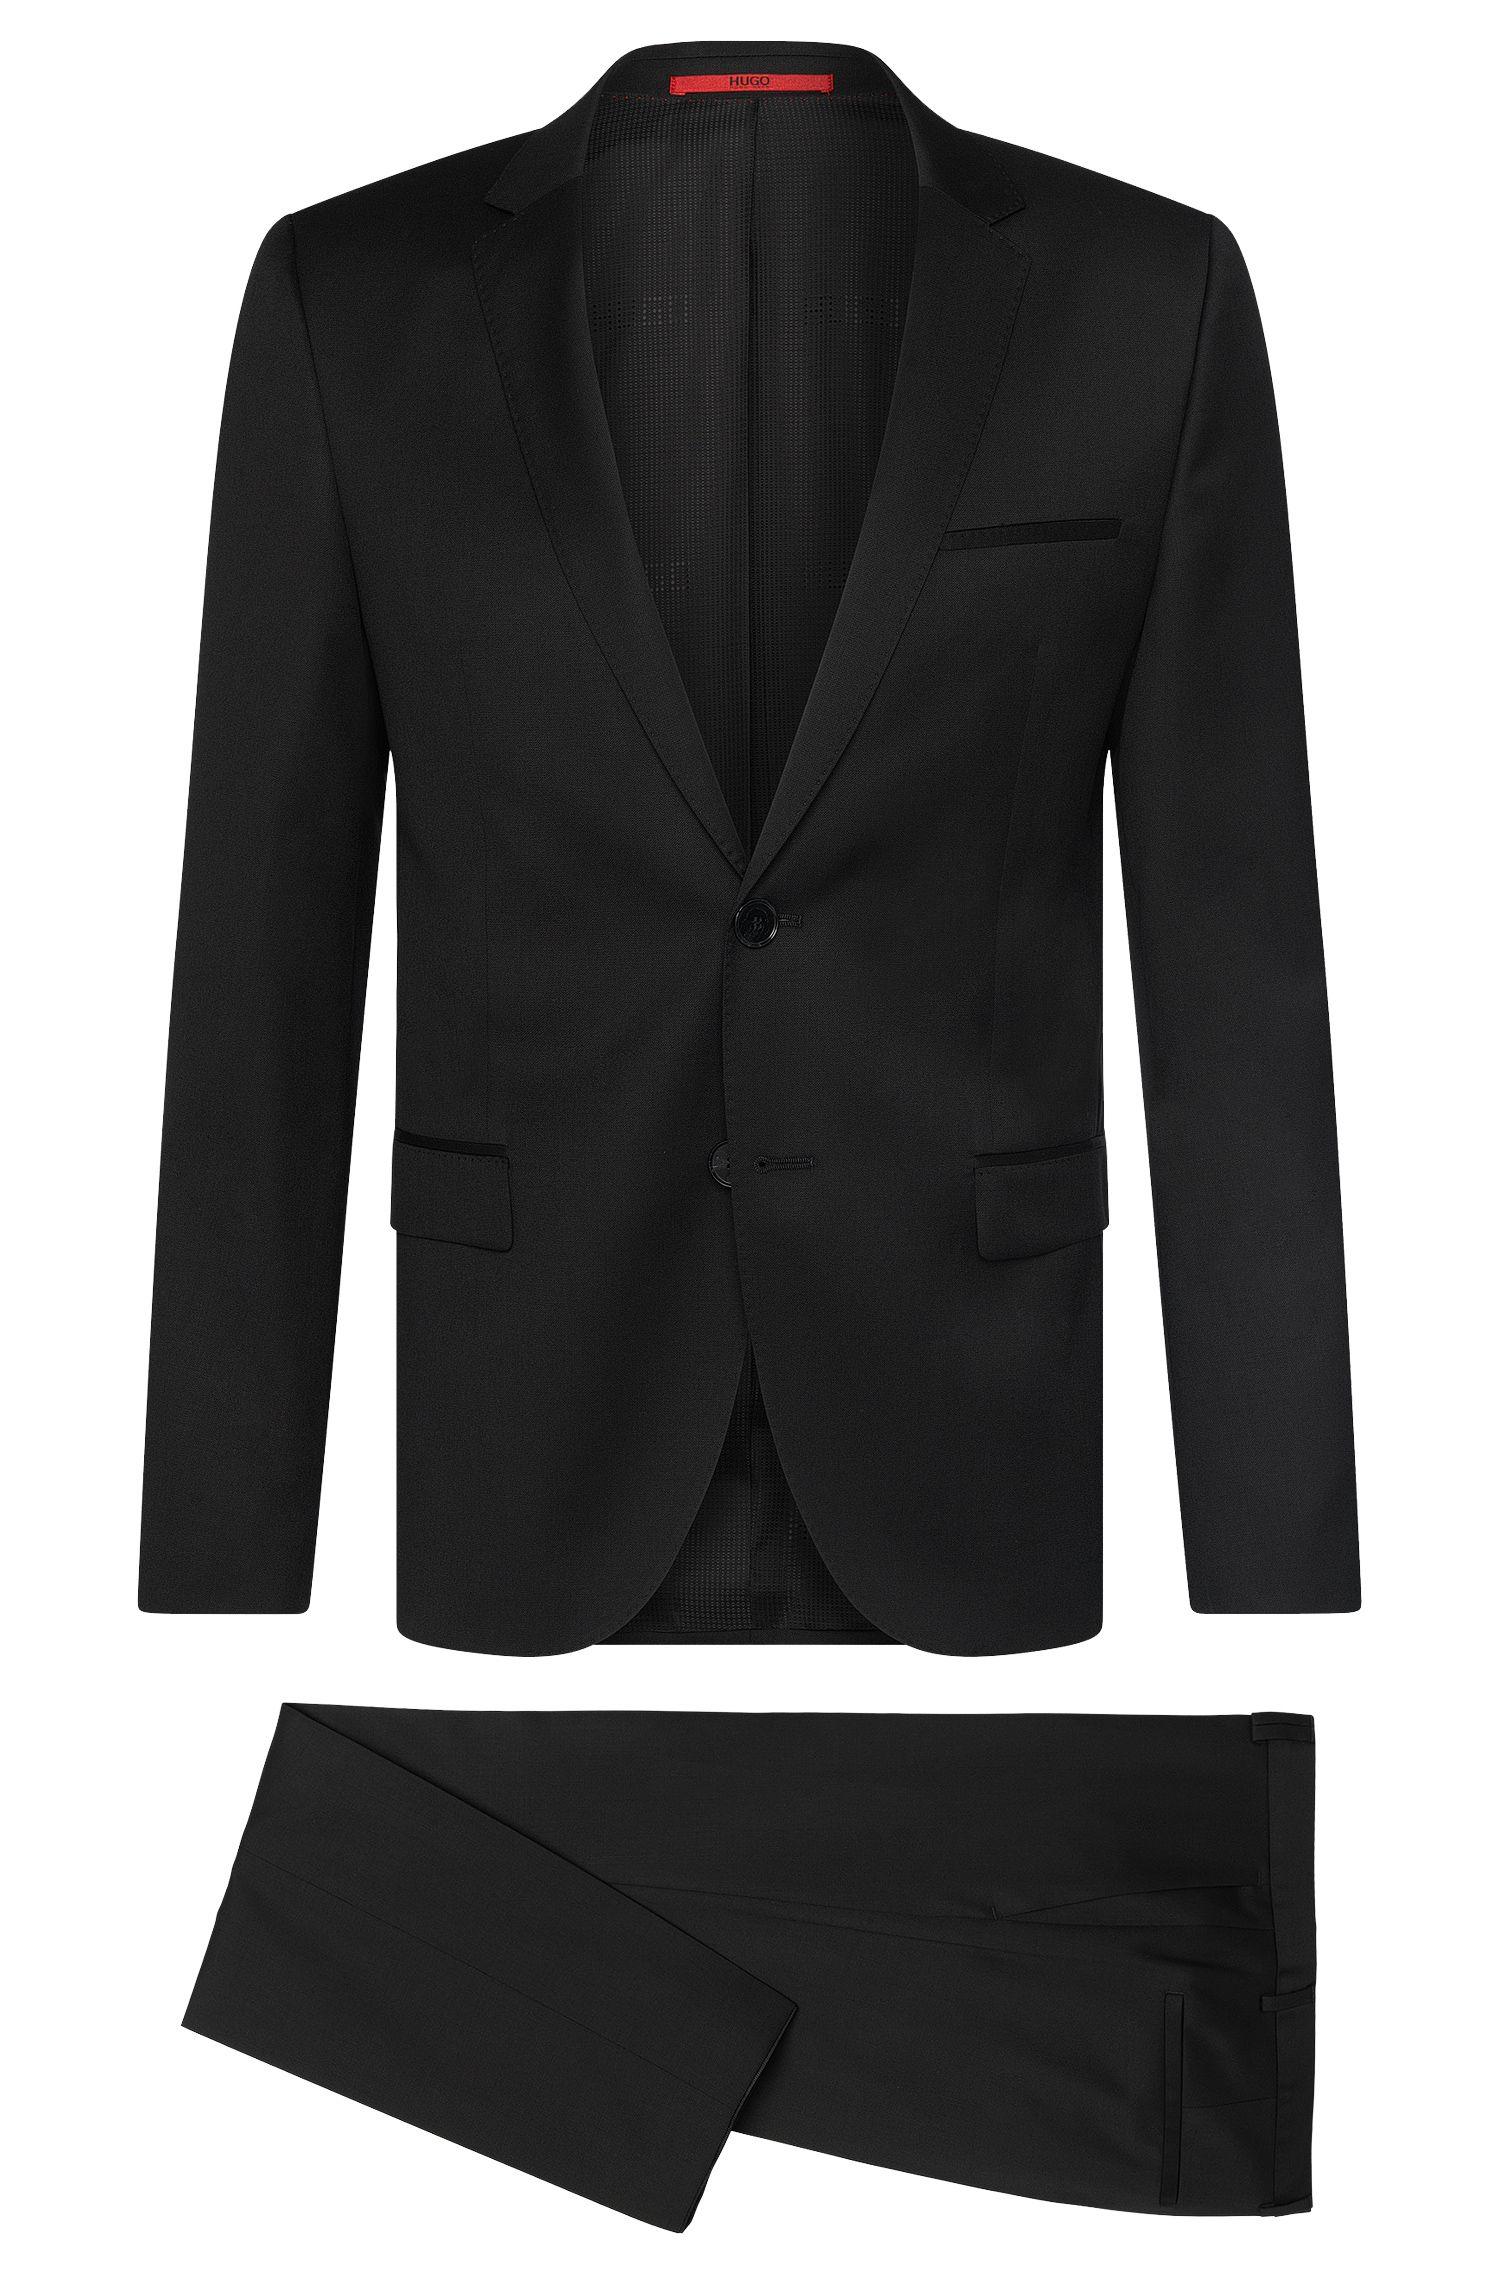 Unifarbener Slim-Fit Anzug aus reiner Schurwolle 'Arti/Heilon'